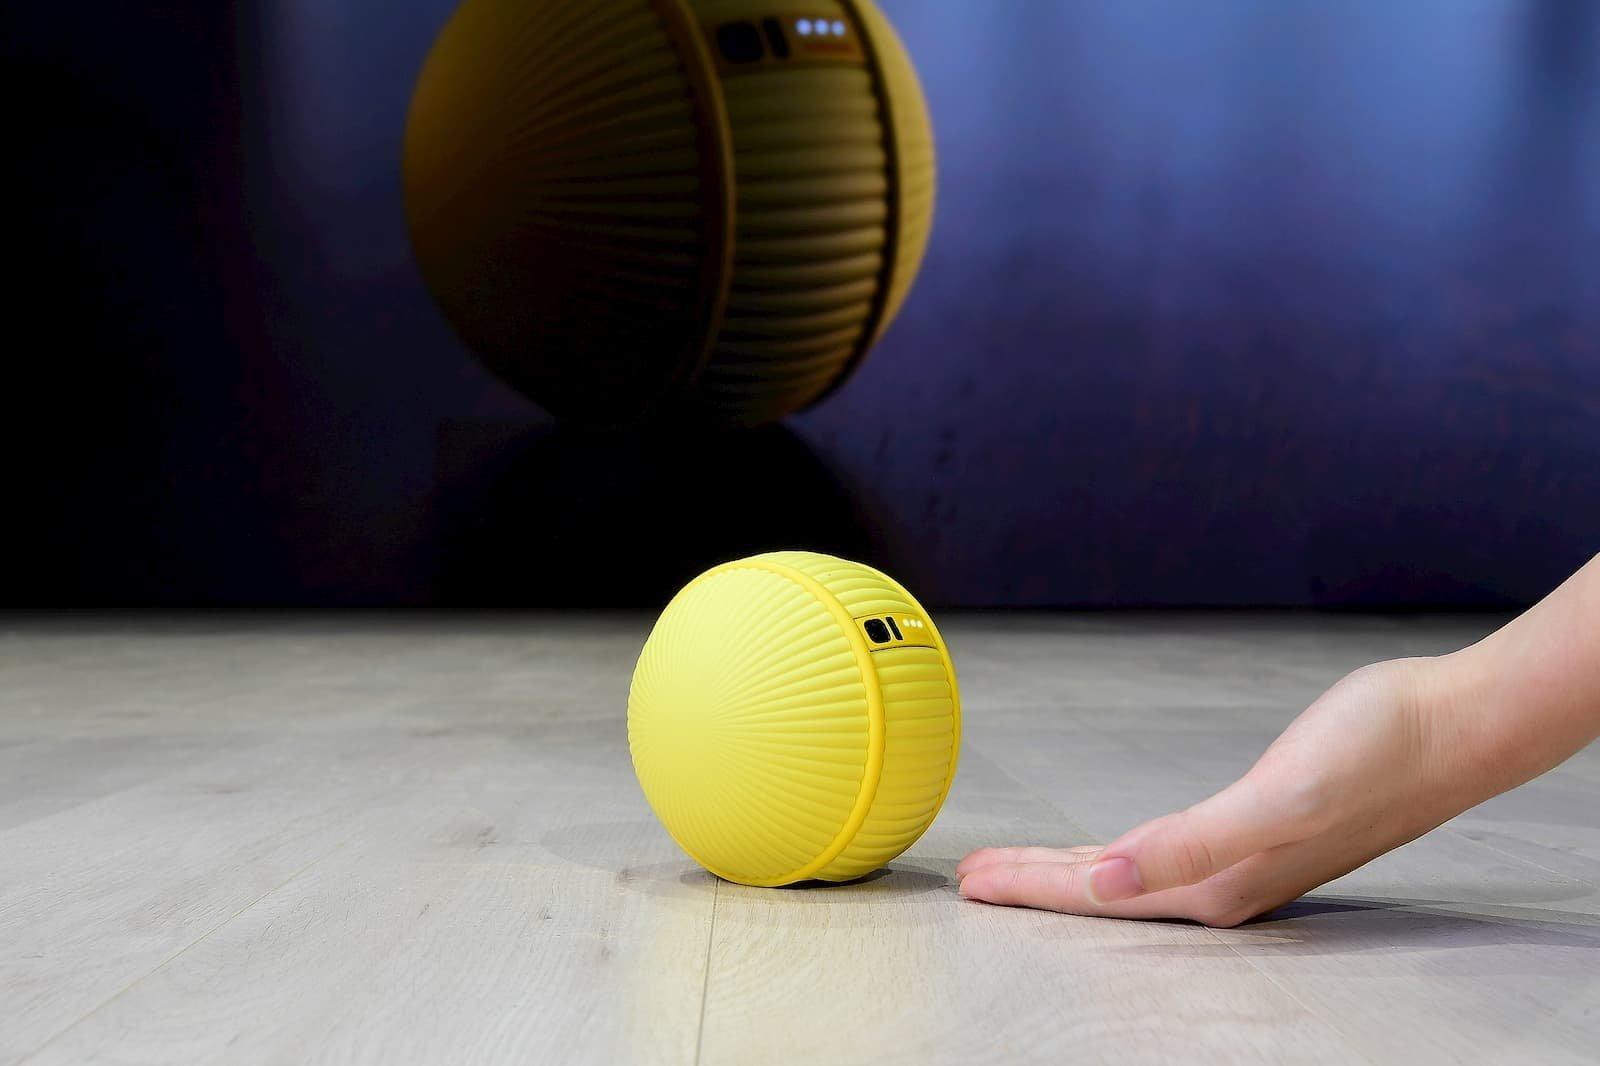 三星发布球形机器人:具体上市时间和售价待定